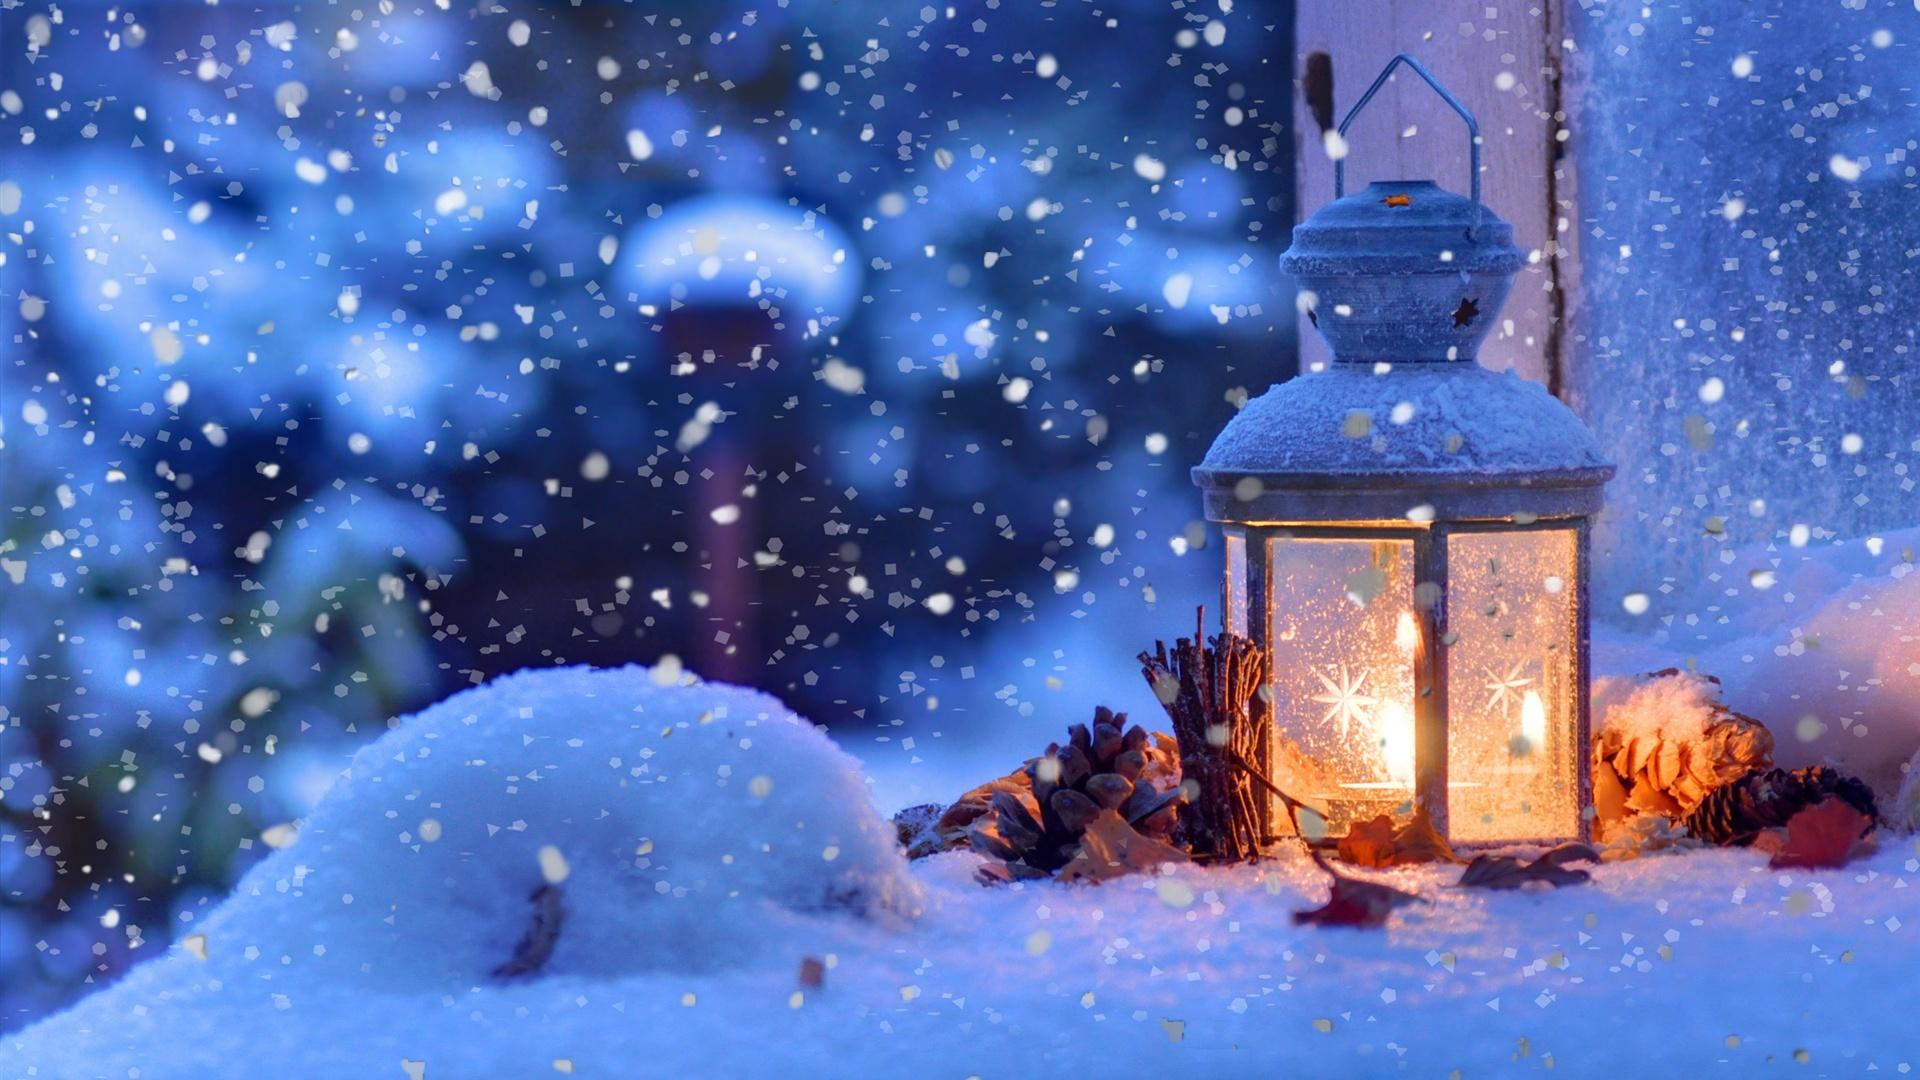 Christmas-snow-winter-light-snowflakes_1920x1080.jpg